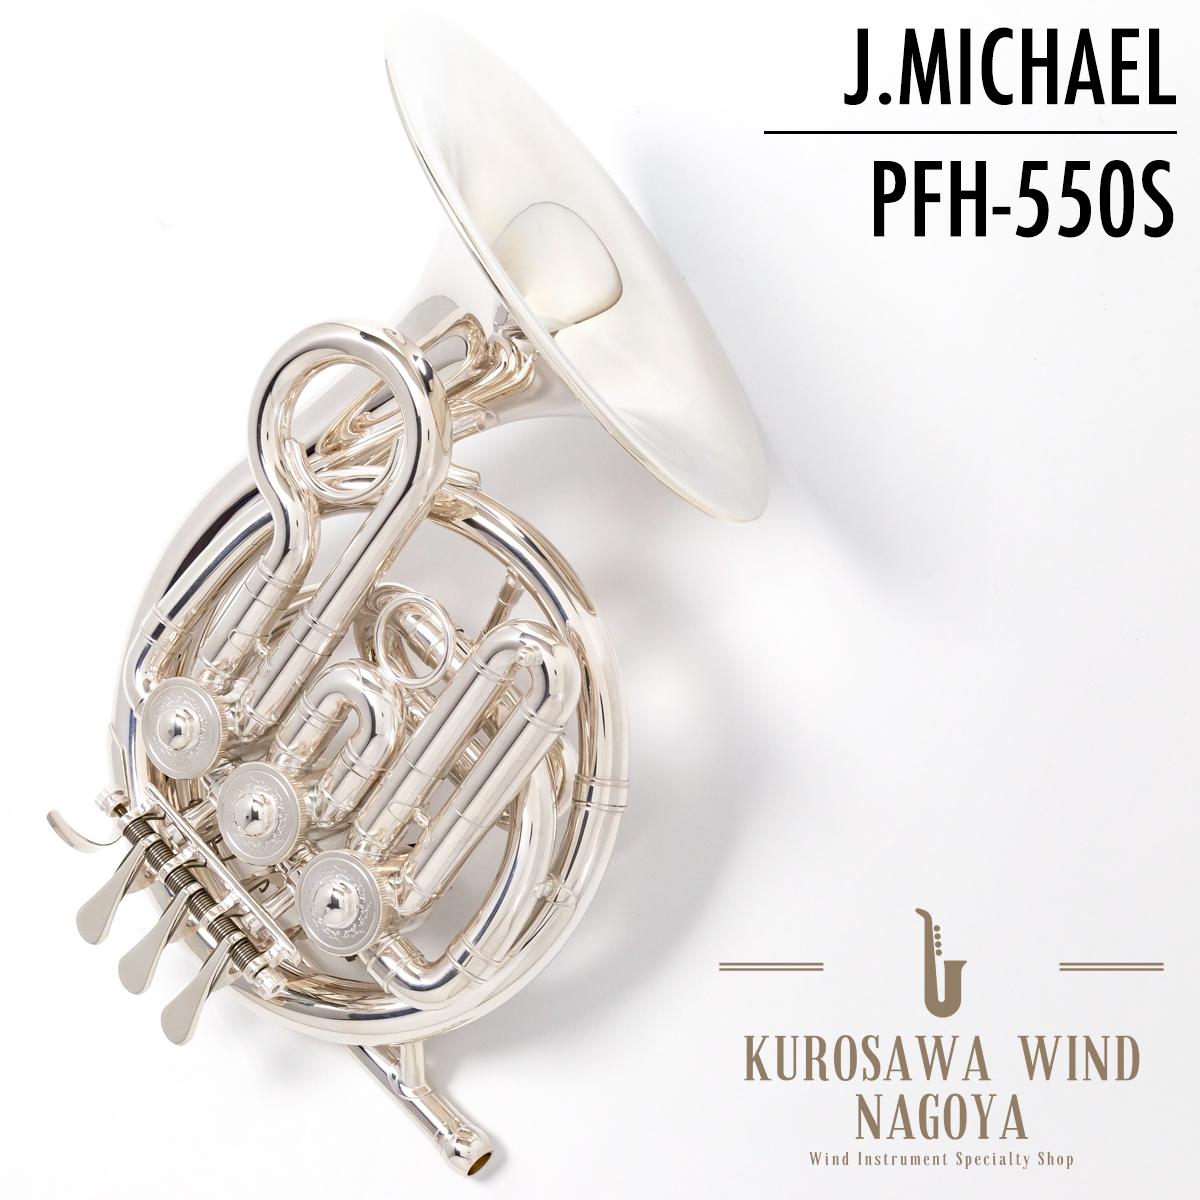 《送料無料 》 ウインド名古屋店限定 半額 購入特典付き J.MICHAEL PFH-550S